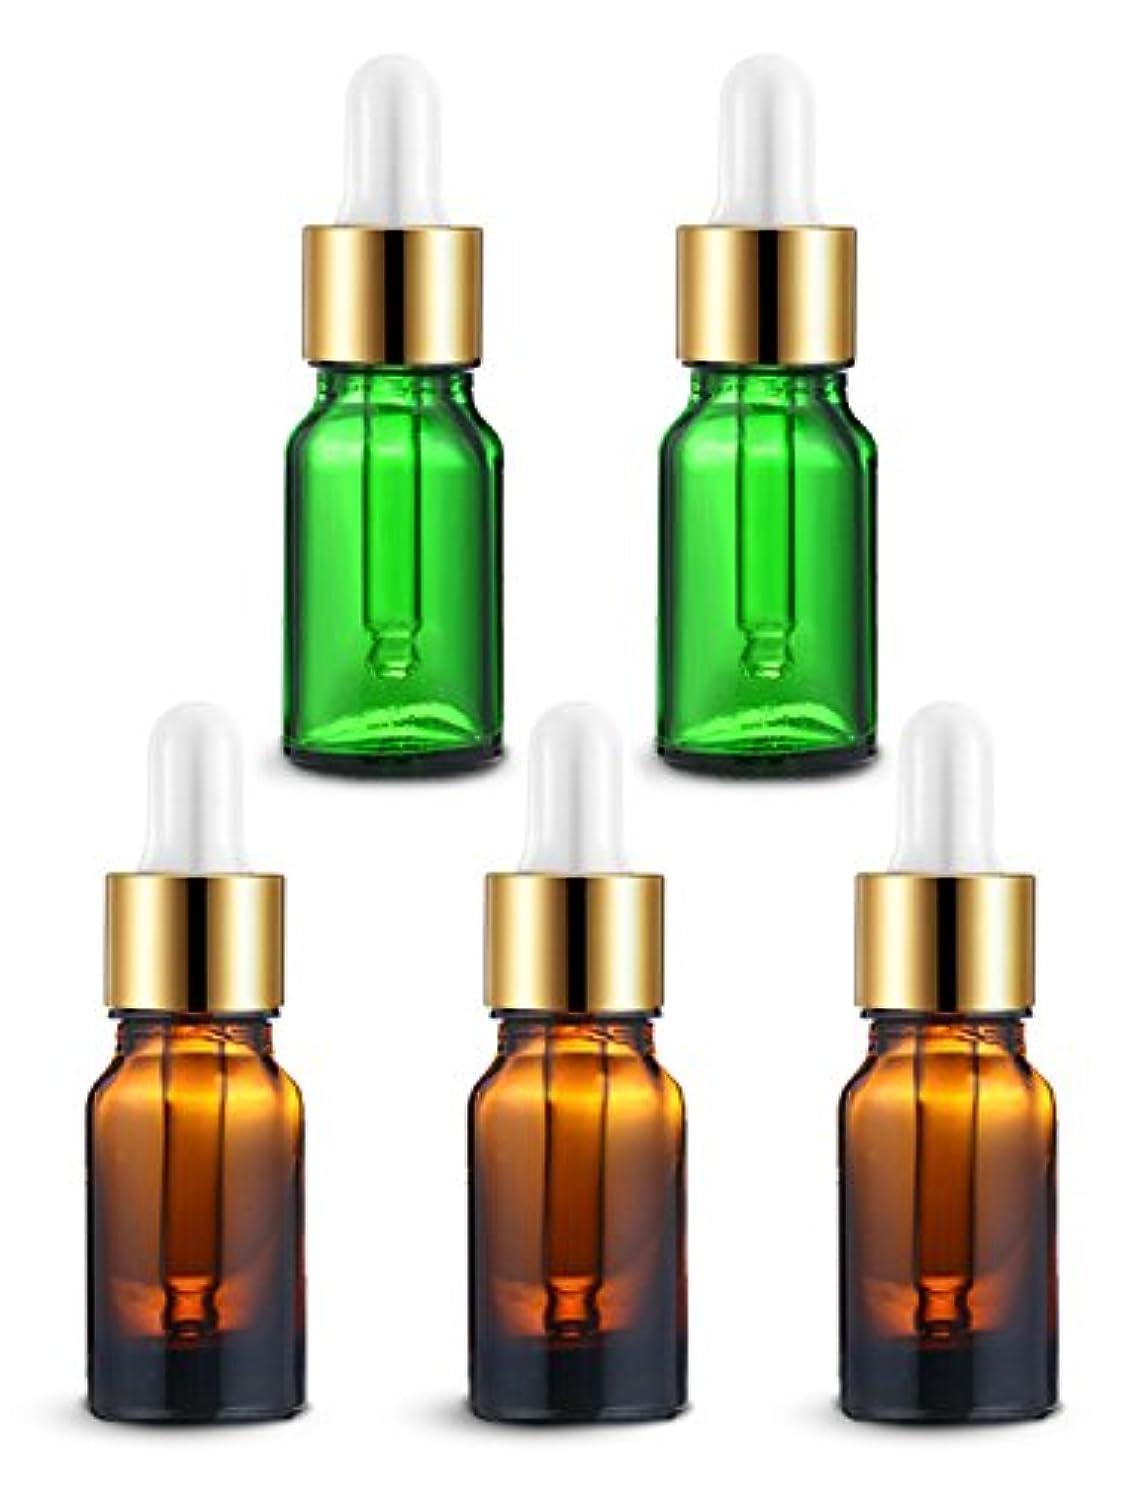 残り物無意識お酒ENERG アロマディフューザー(全機種適応) ネブライザー式 スポイト付き精油瓶 緑2個?ブラウン3個 アロマ瓶 10ml 5個セット